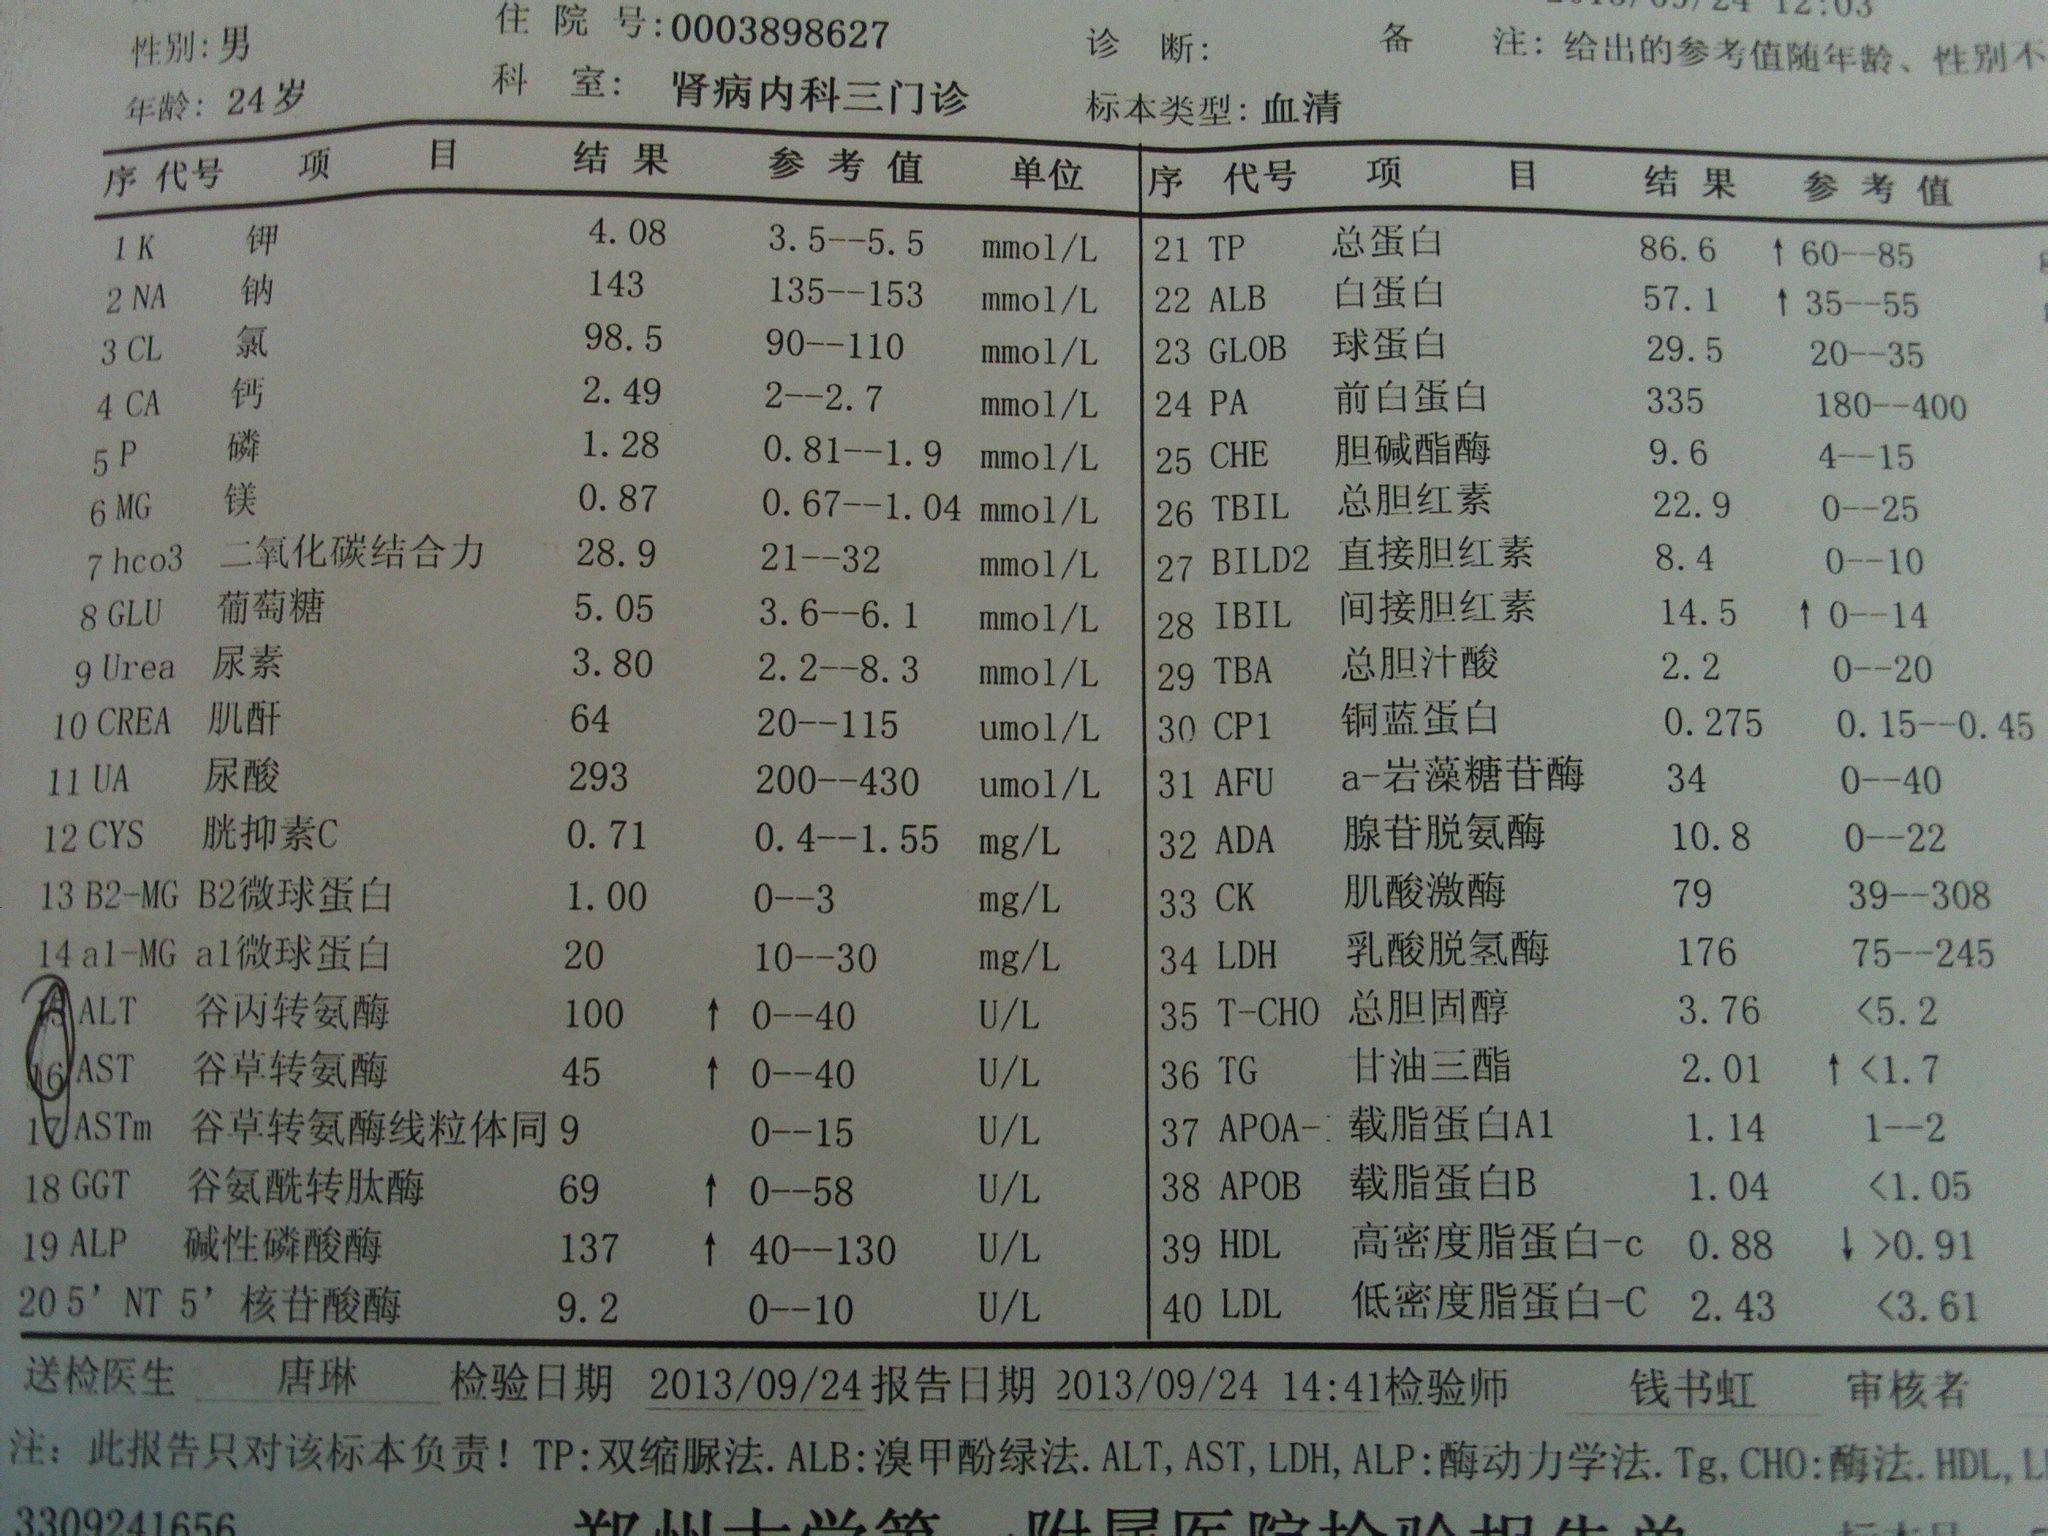 什么是中度脂肪肝_尿酸有时高有时正常.彩超说有中度脂肪肝.身高168,体重80kg.